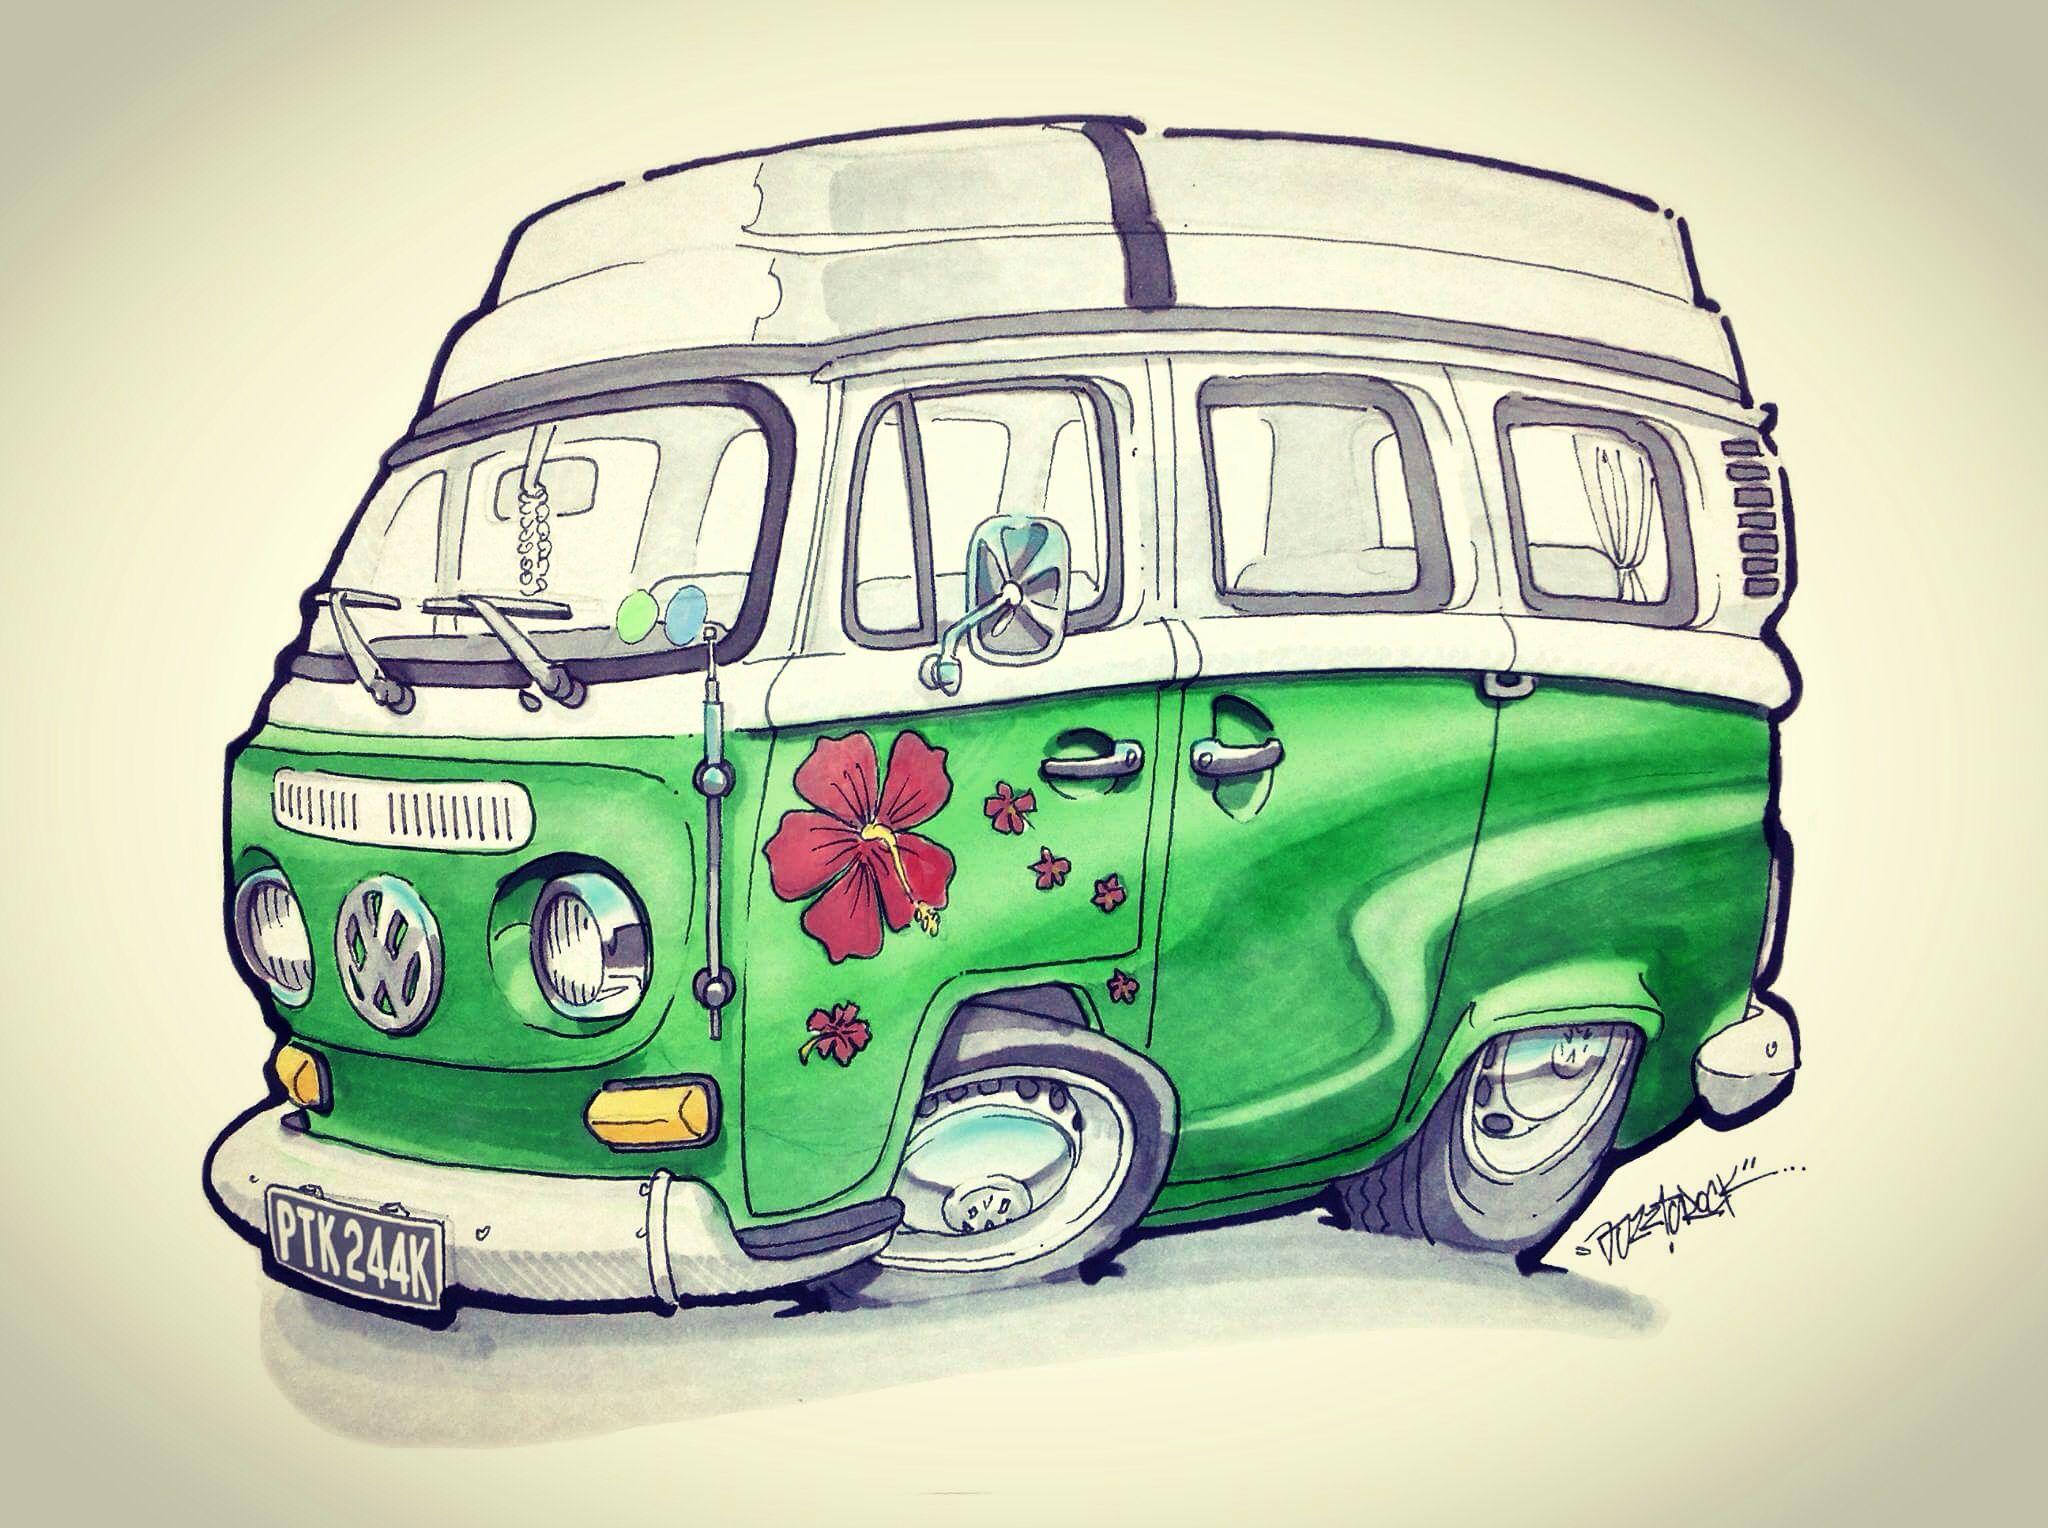 простой рисунок на микроавтобуса фото